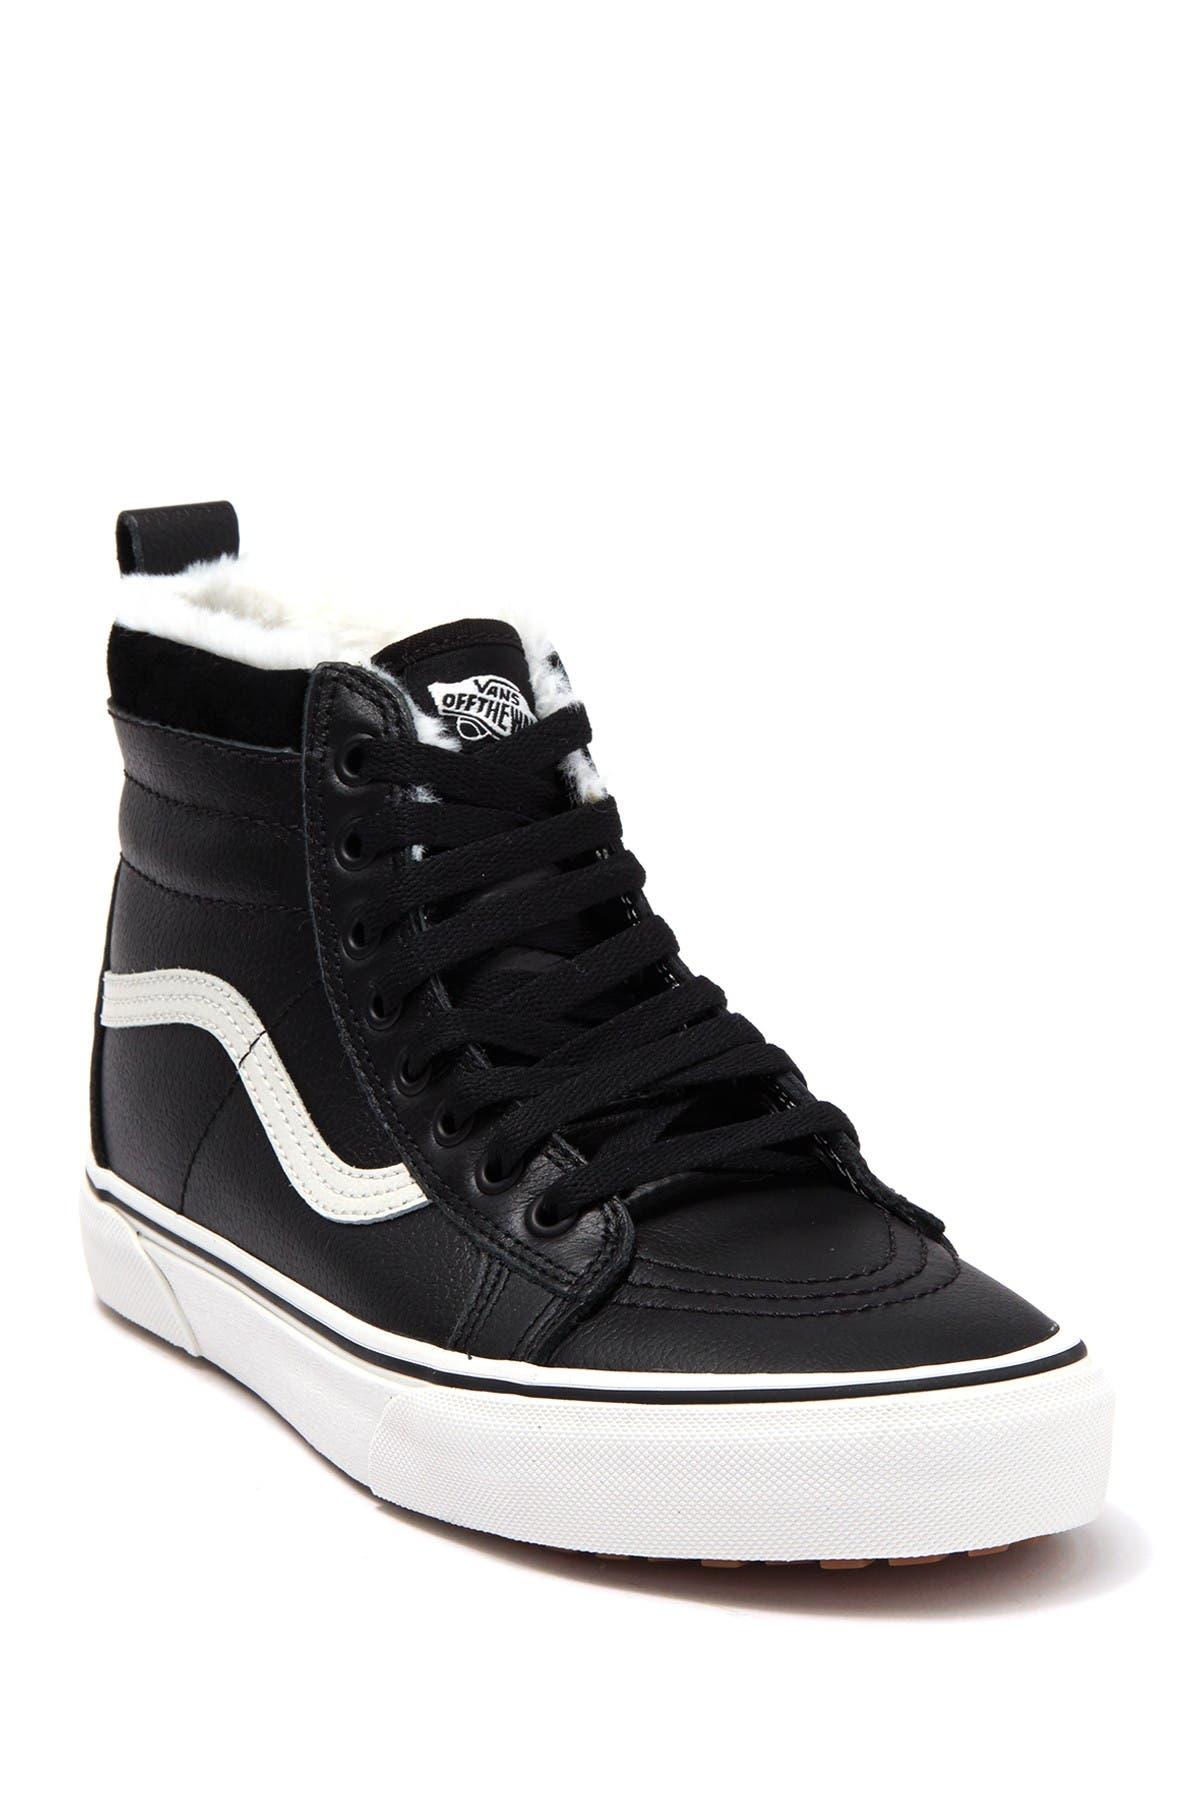 Image of VANS Sk8-Hi Leather Lined Sneaker